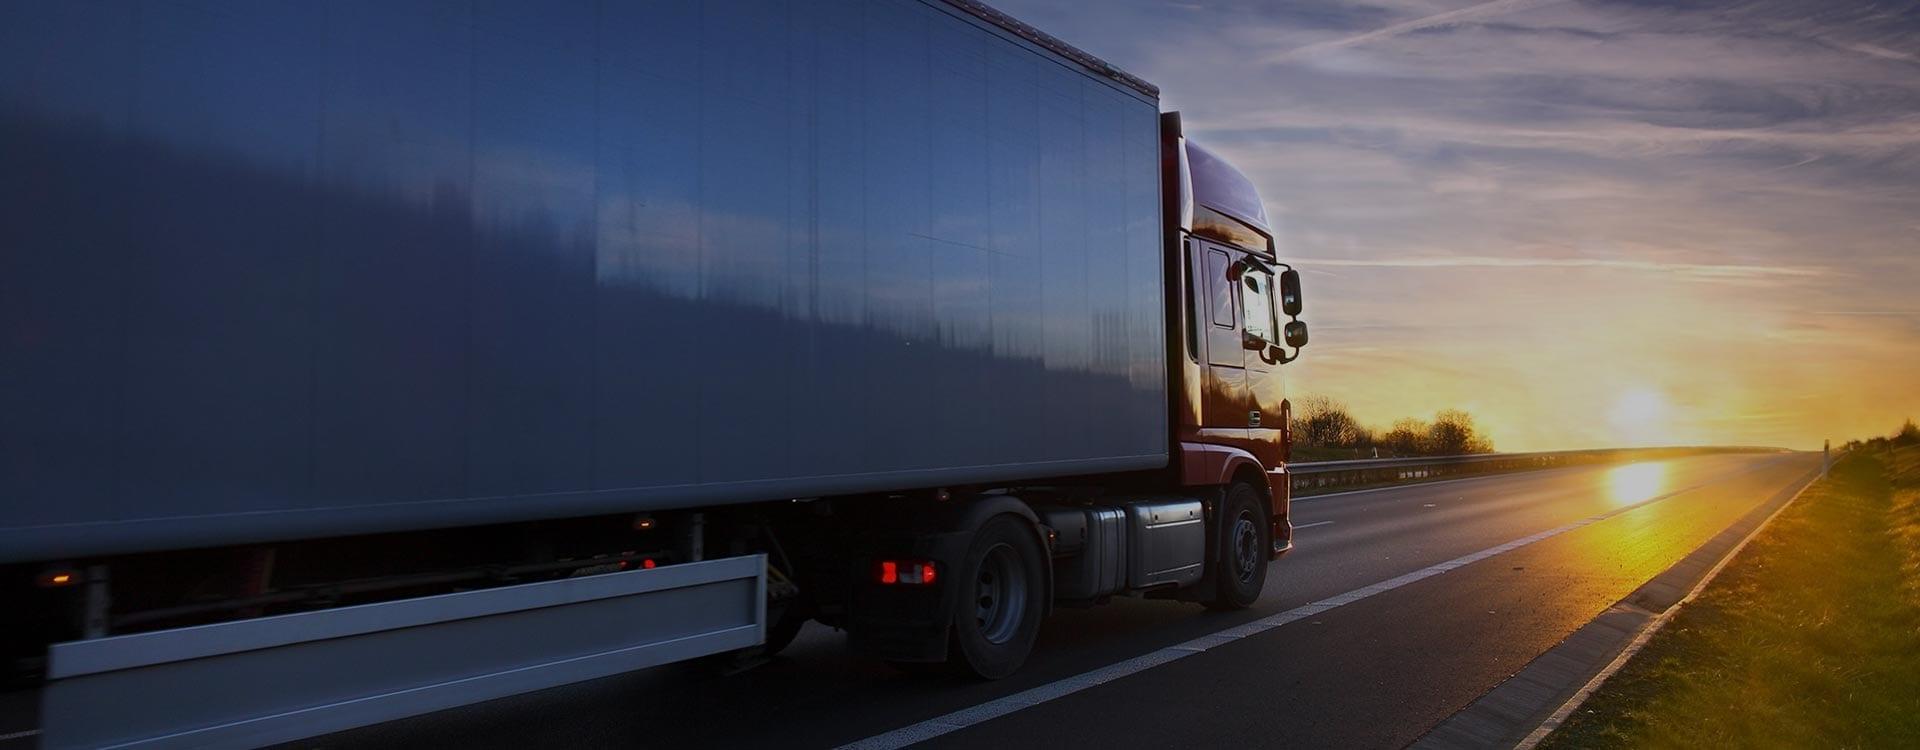 Μεταφορές - Μετακομίσεις Τσαπράζης Ανέστης